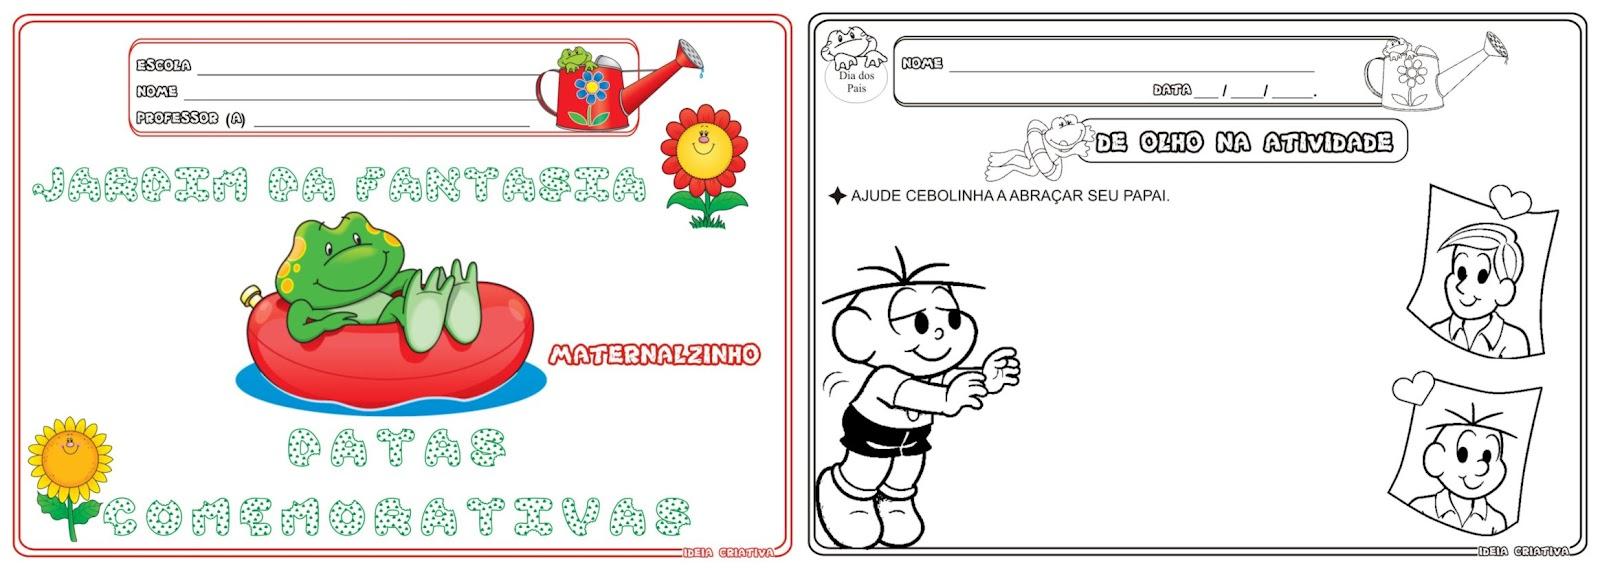 Caderno Jardim Da Fantasia Datas 2   Semestre Maternalzinho